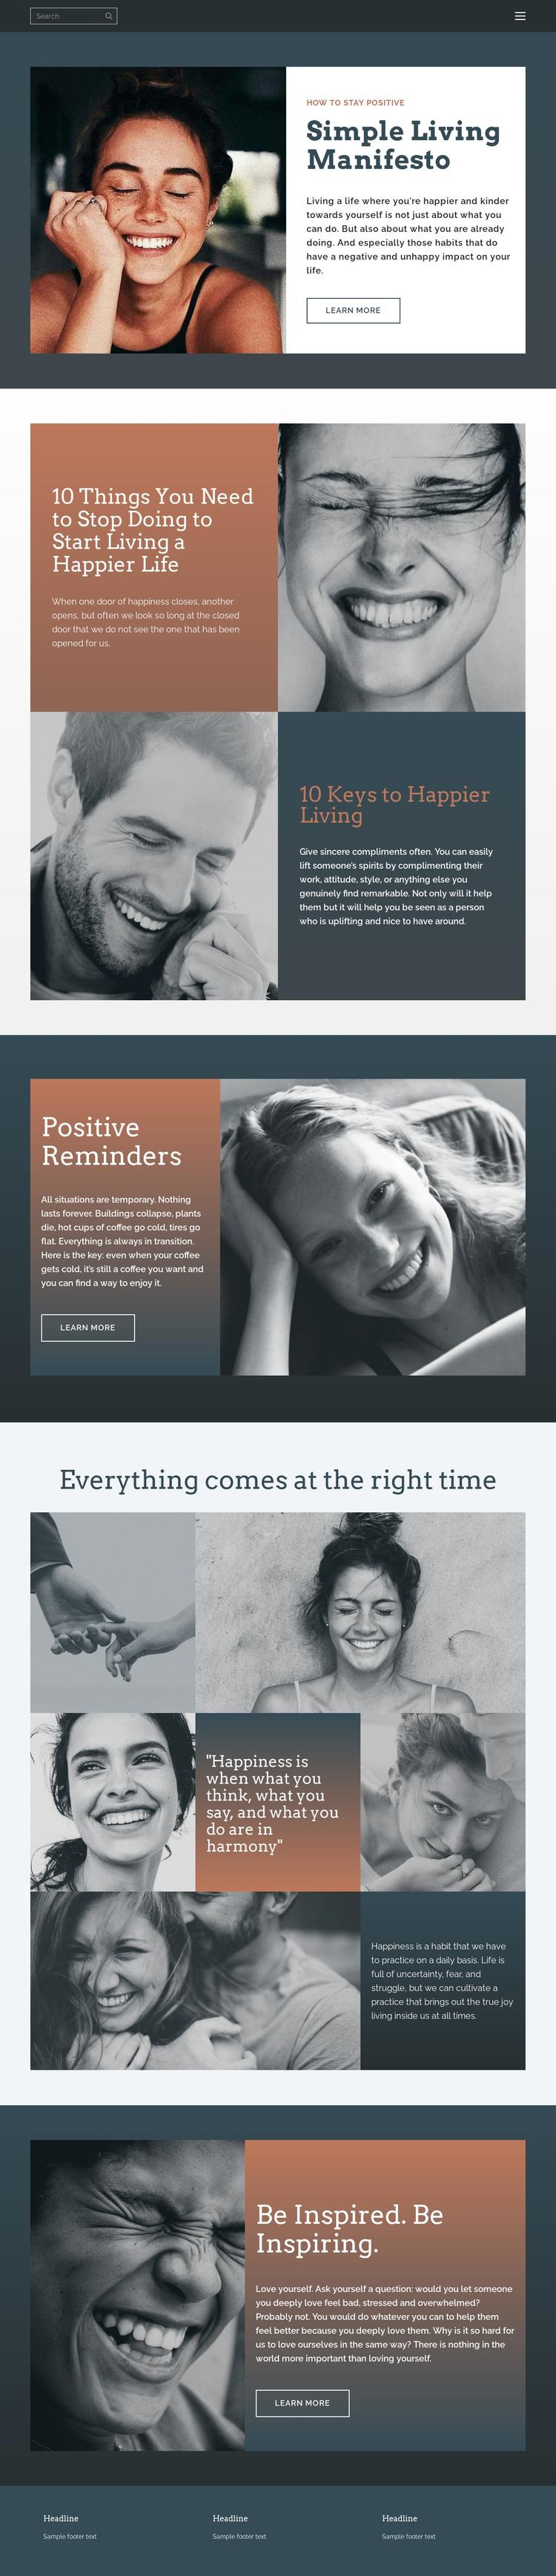 Simple living manifesto Joomla Template